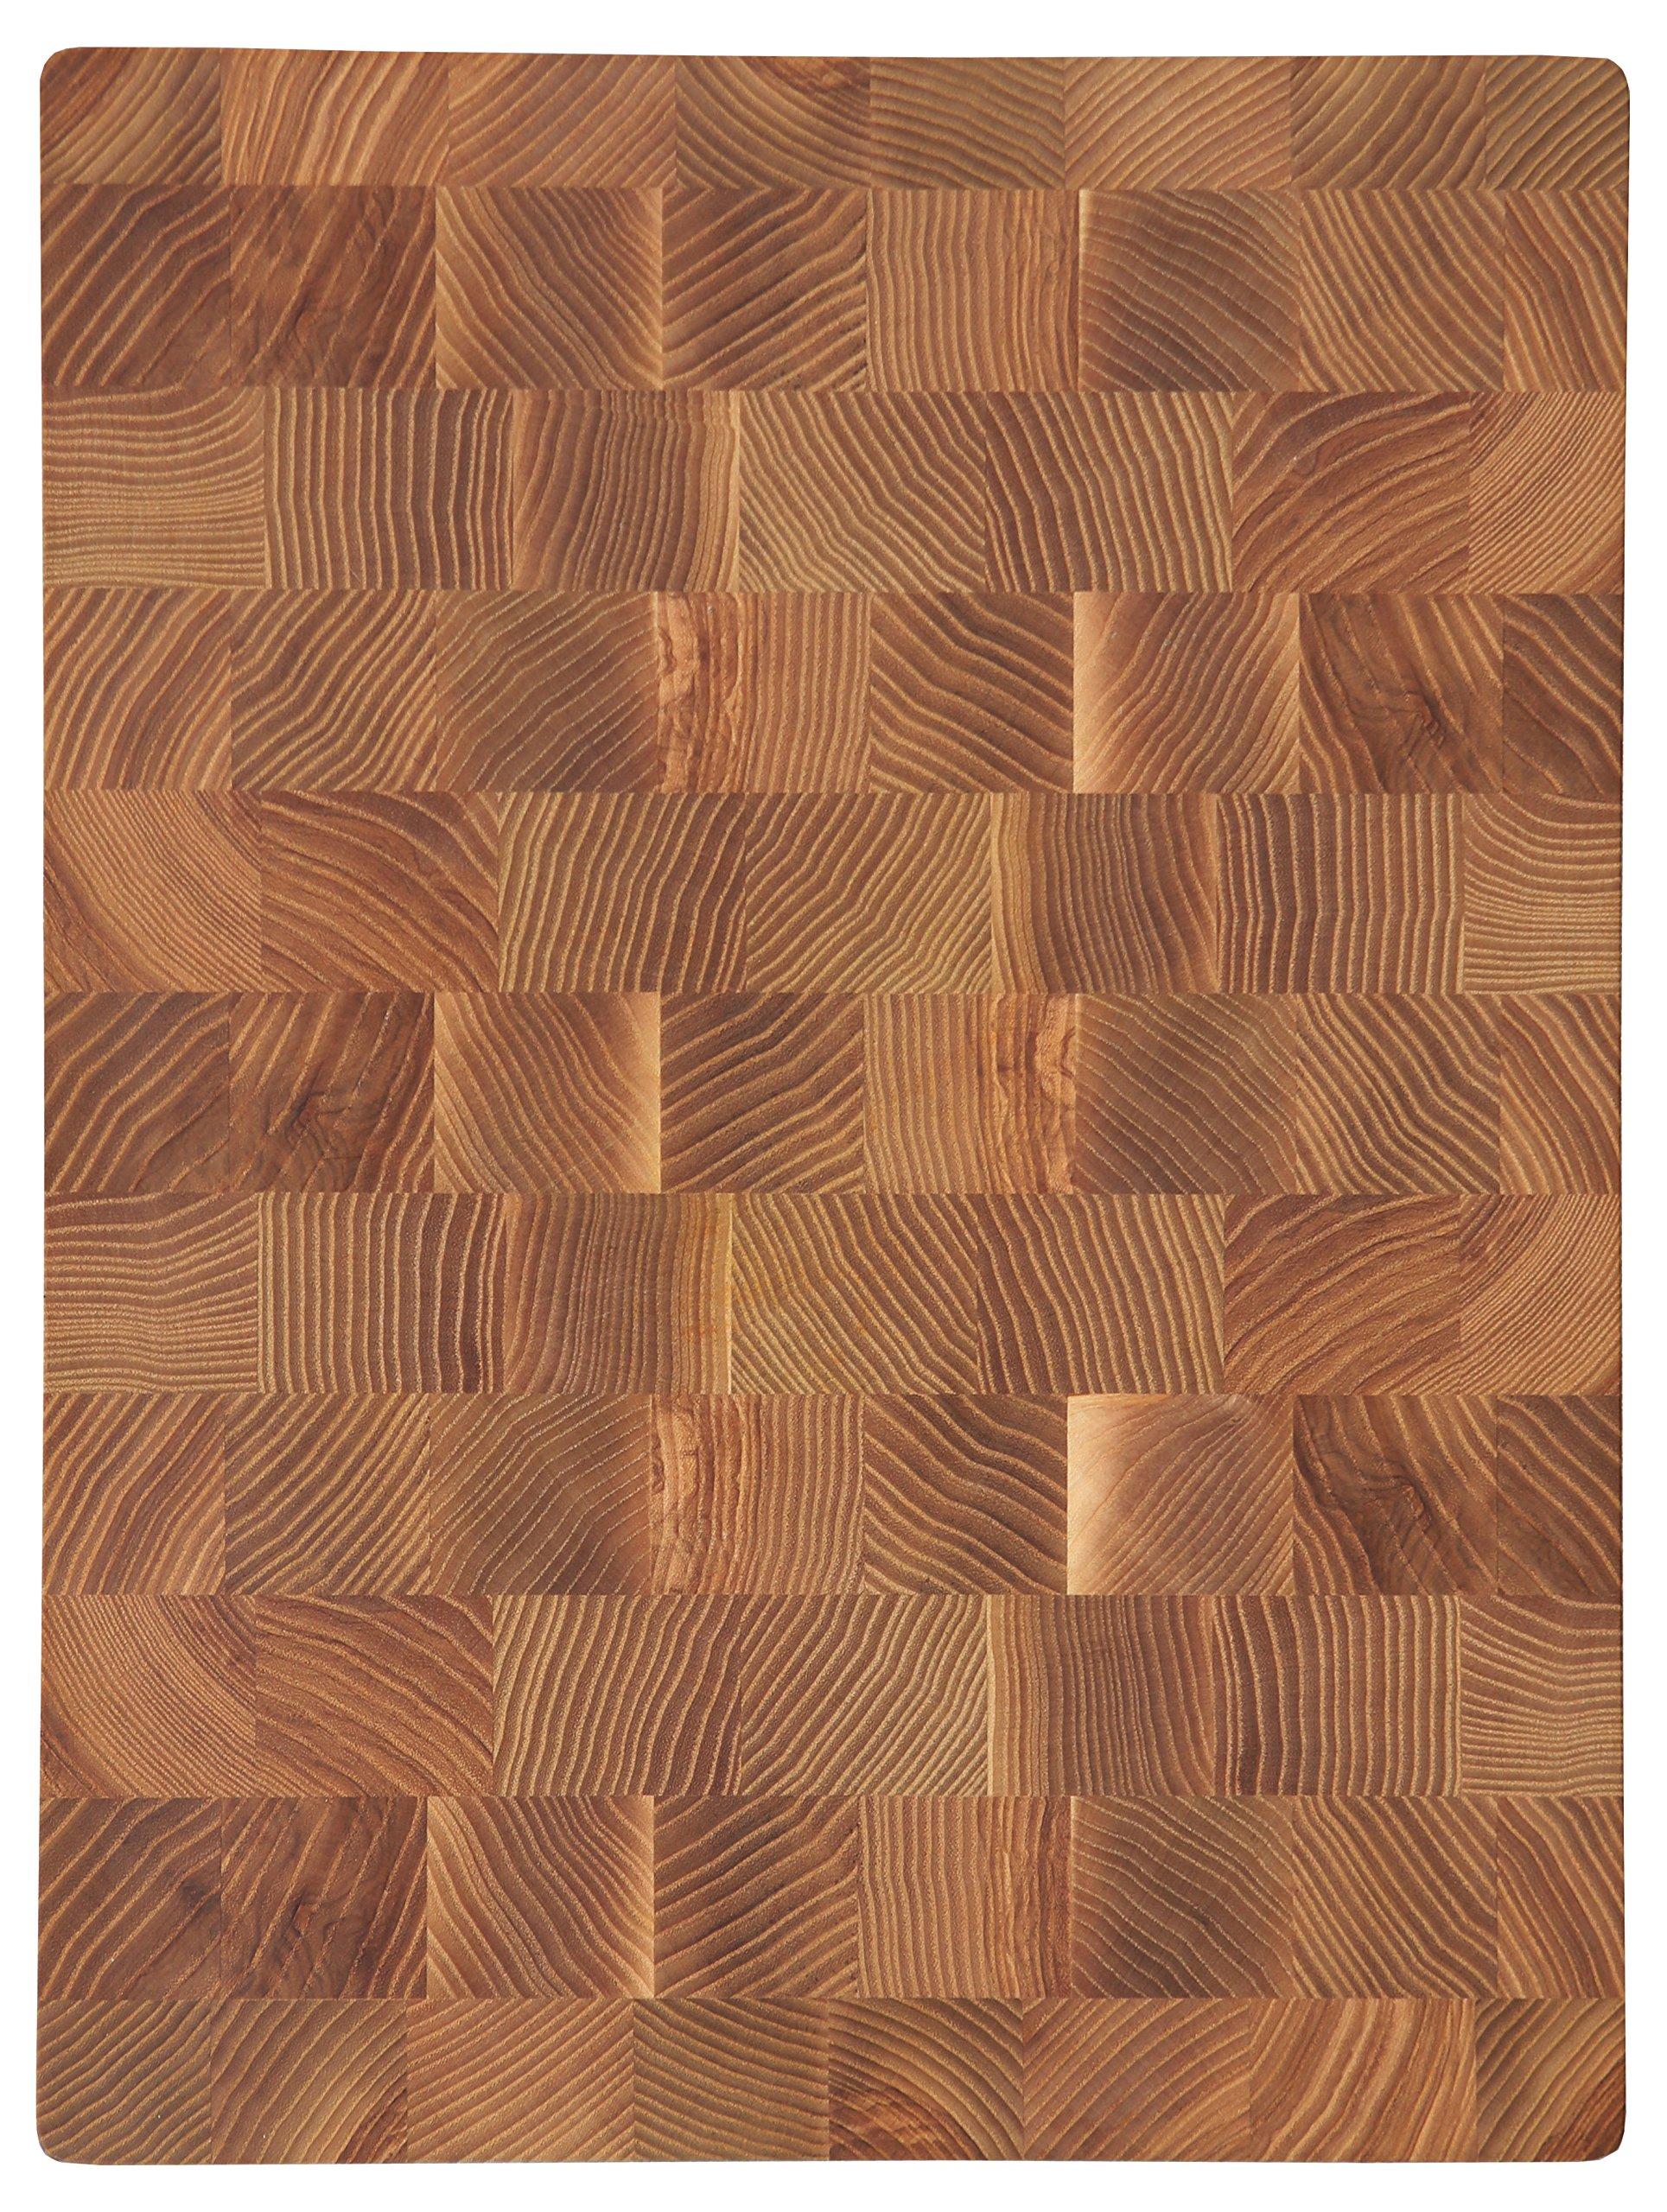 COZY Ash-Tree End Grain Cutting Board 16 by 12 by 1,5-inch Chef's Board Chopping Block (16''x12''x1,5'')